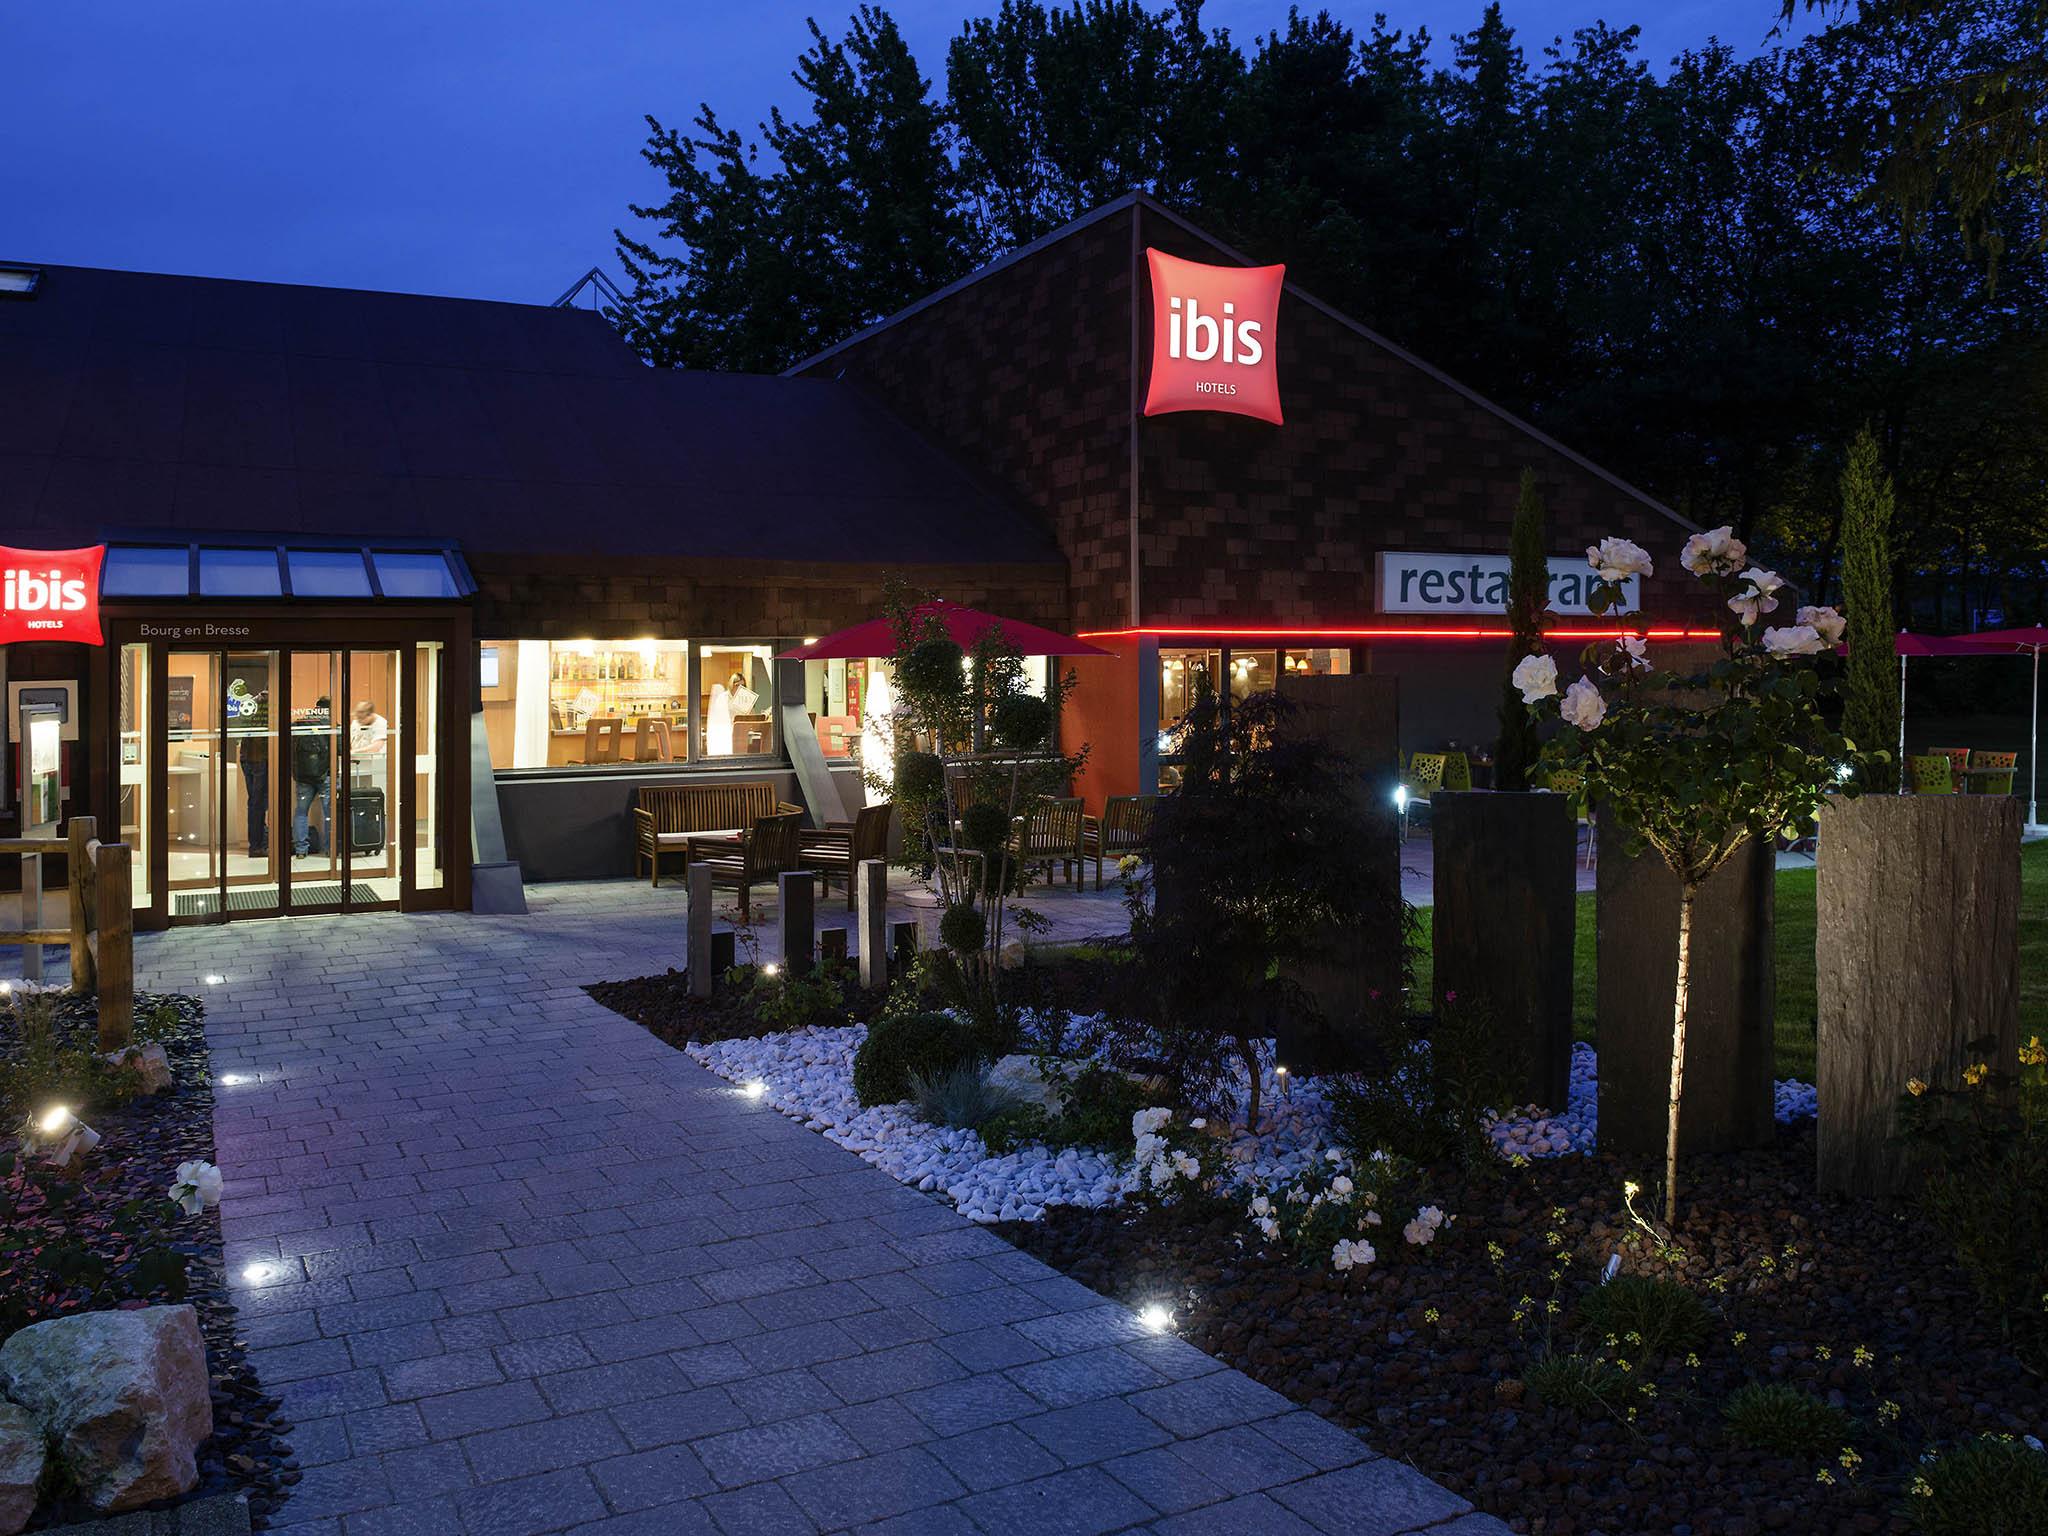 hotel in bourg en bresse ibis bourg en bresse. Black Bedroom Furniture Sets. Home Design Ideas